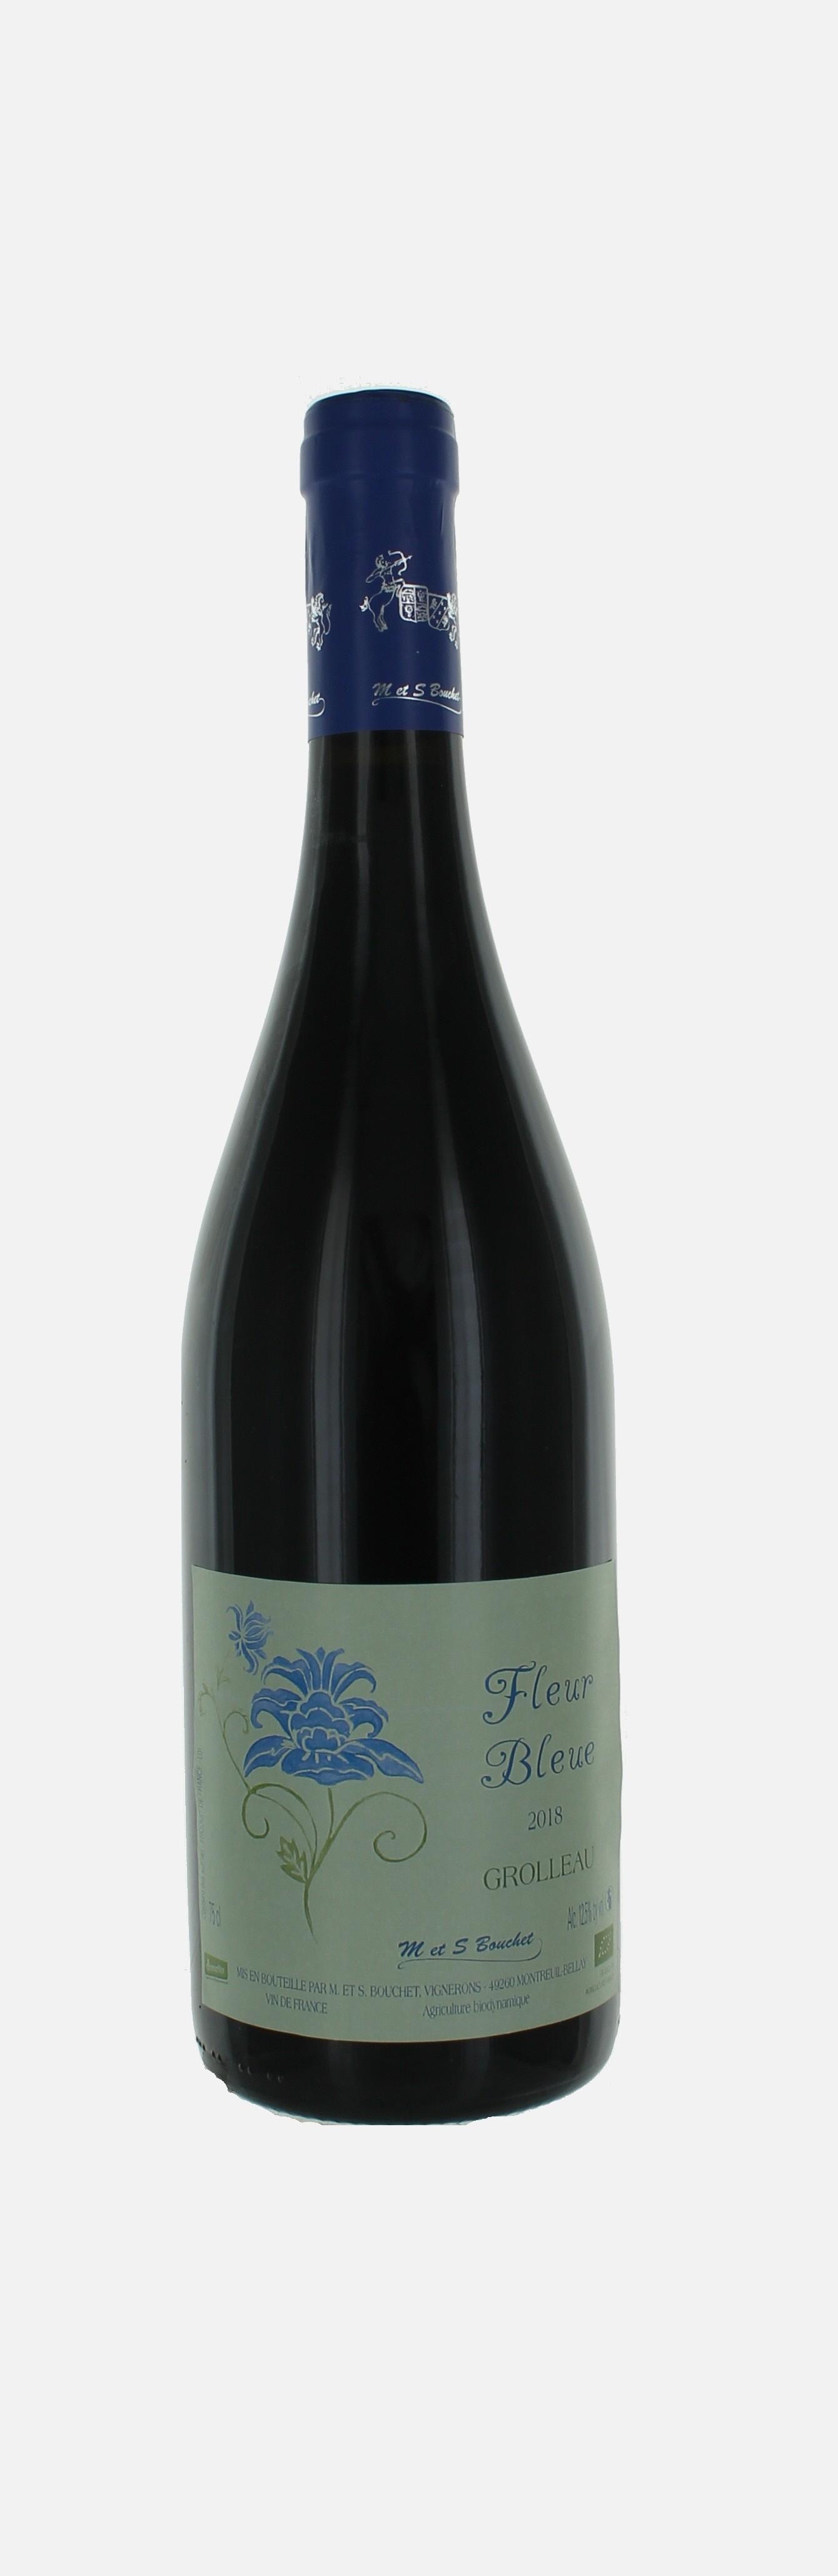 Fleur Bleue, Vin de France, M&S Bouchet